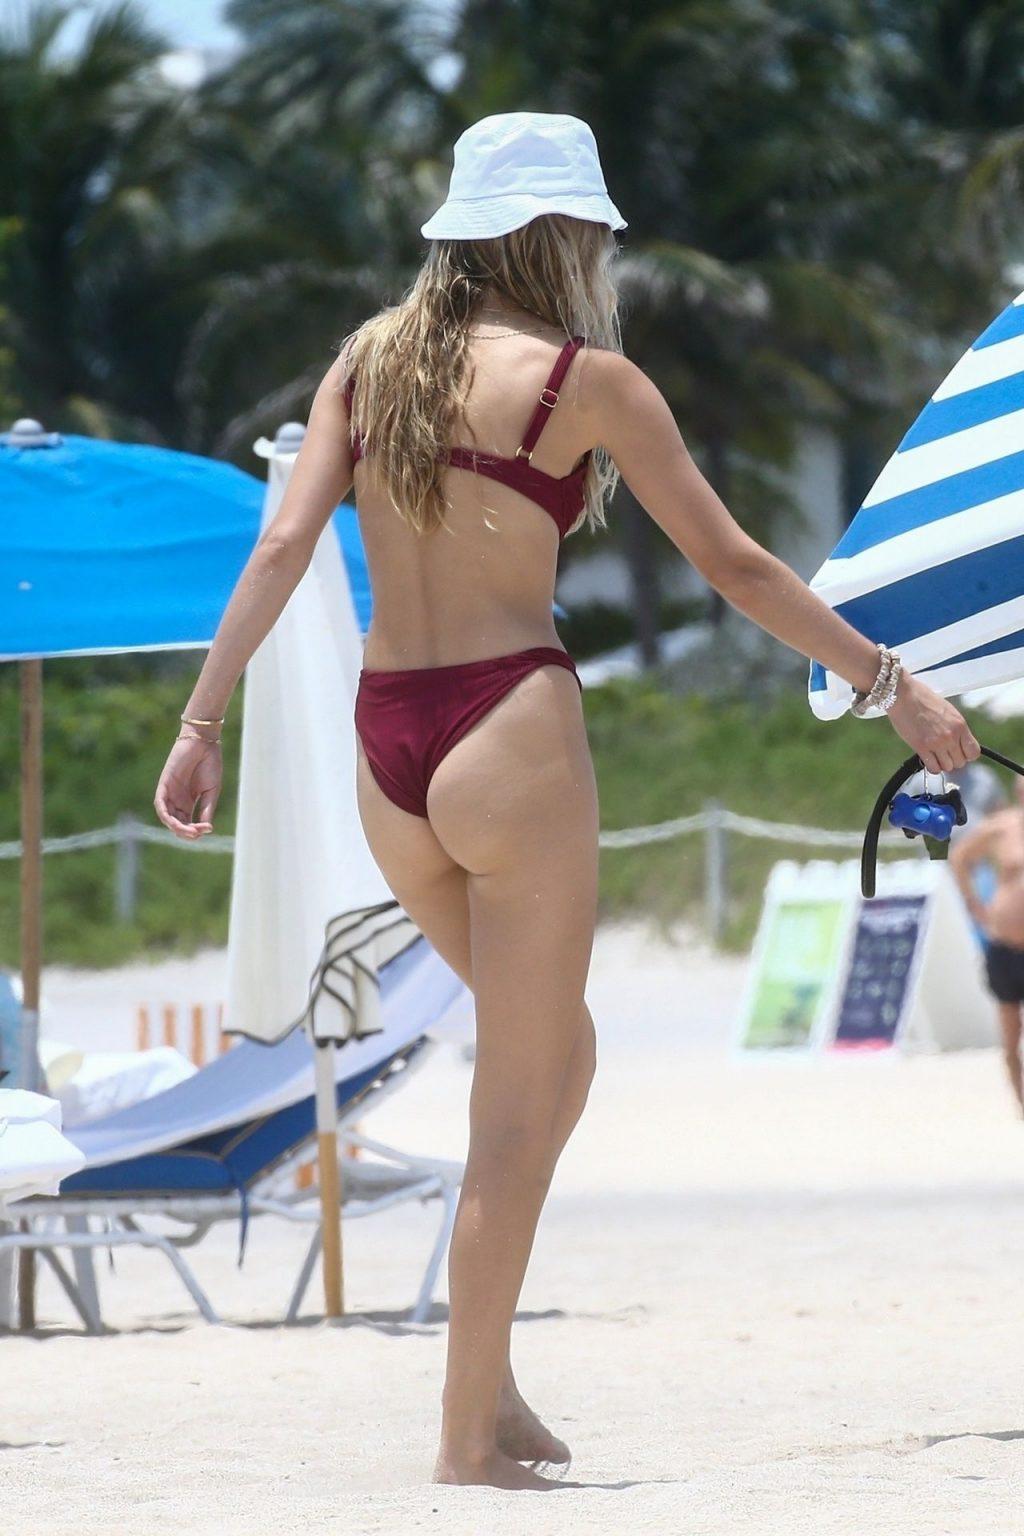 Roosmarijn de Kok Bikini